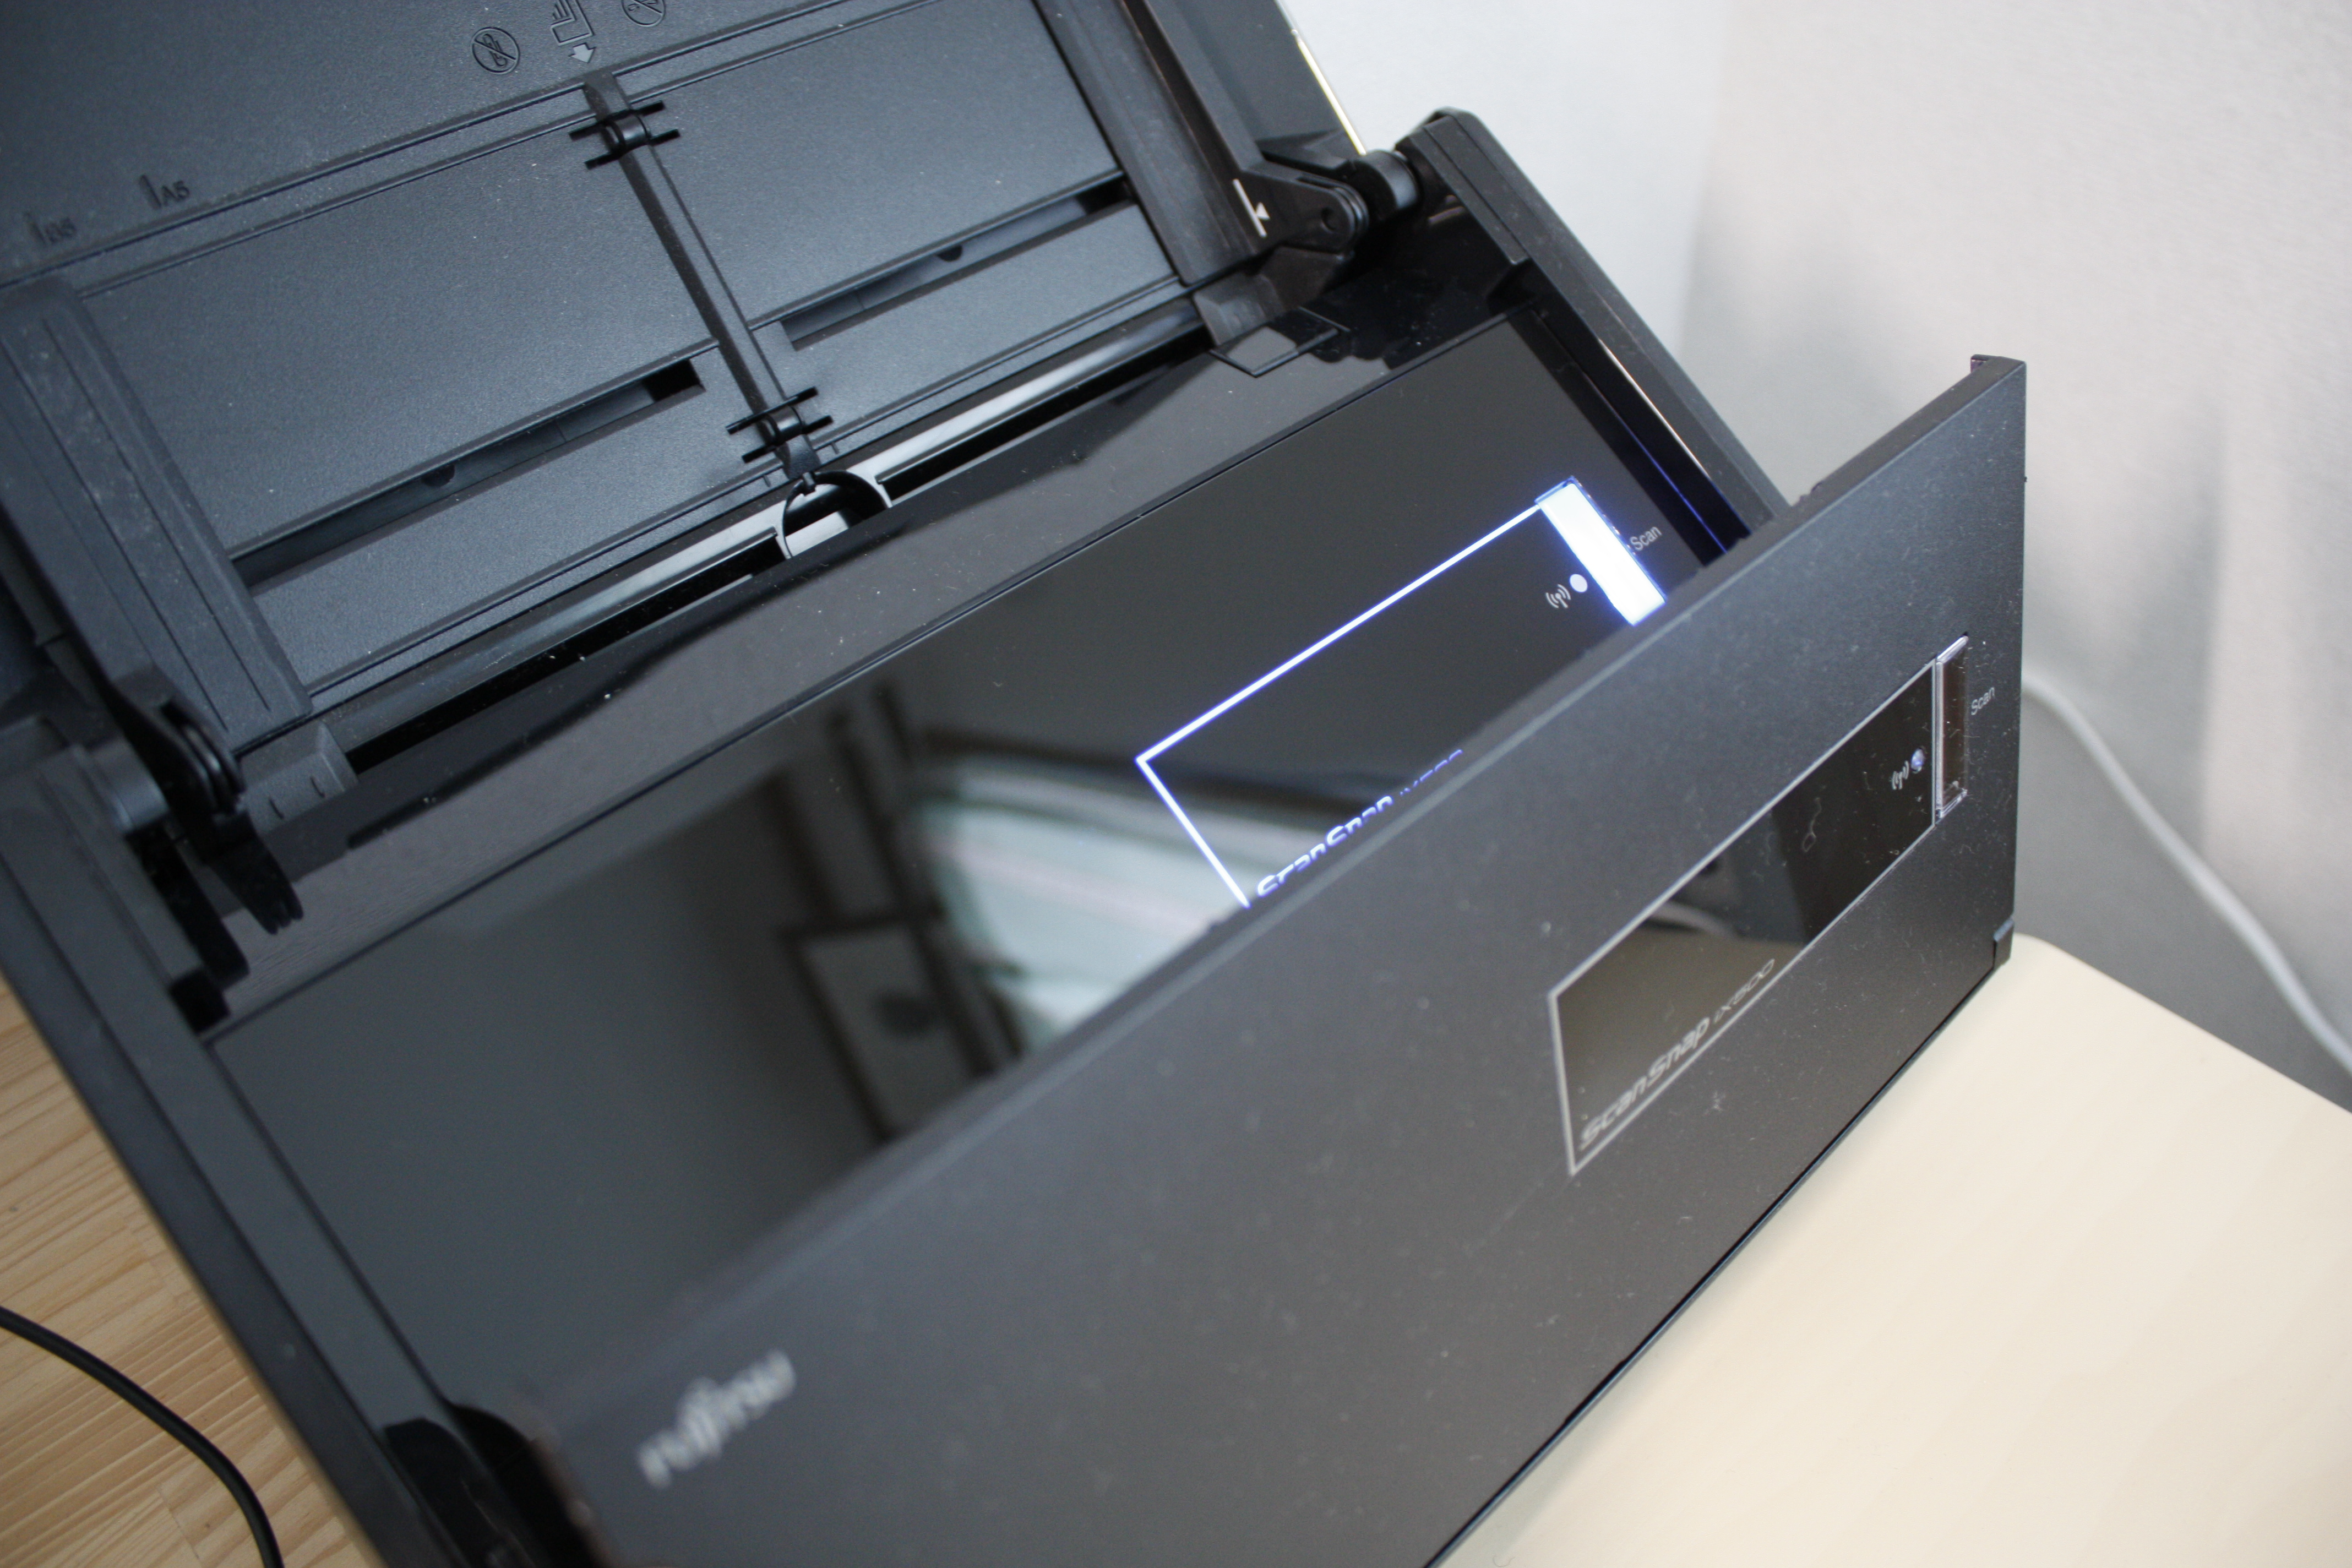 購入したScanSnap iX500という富士通のスキャナの排紙部分の写真1